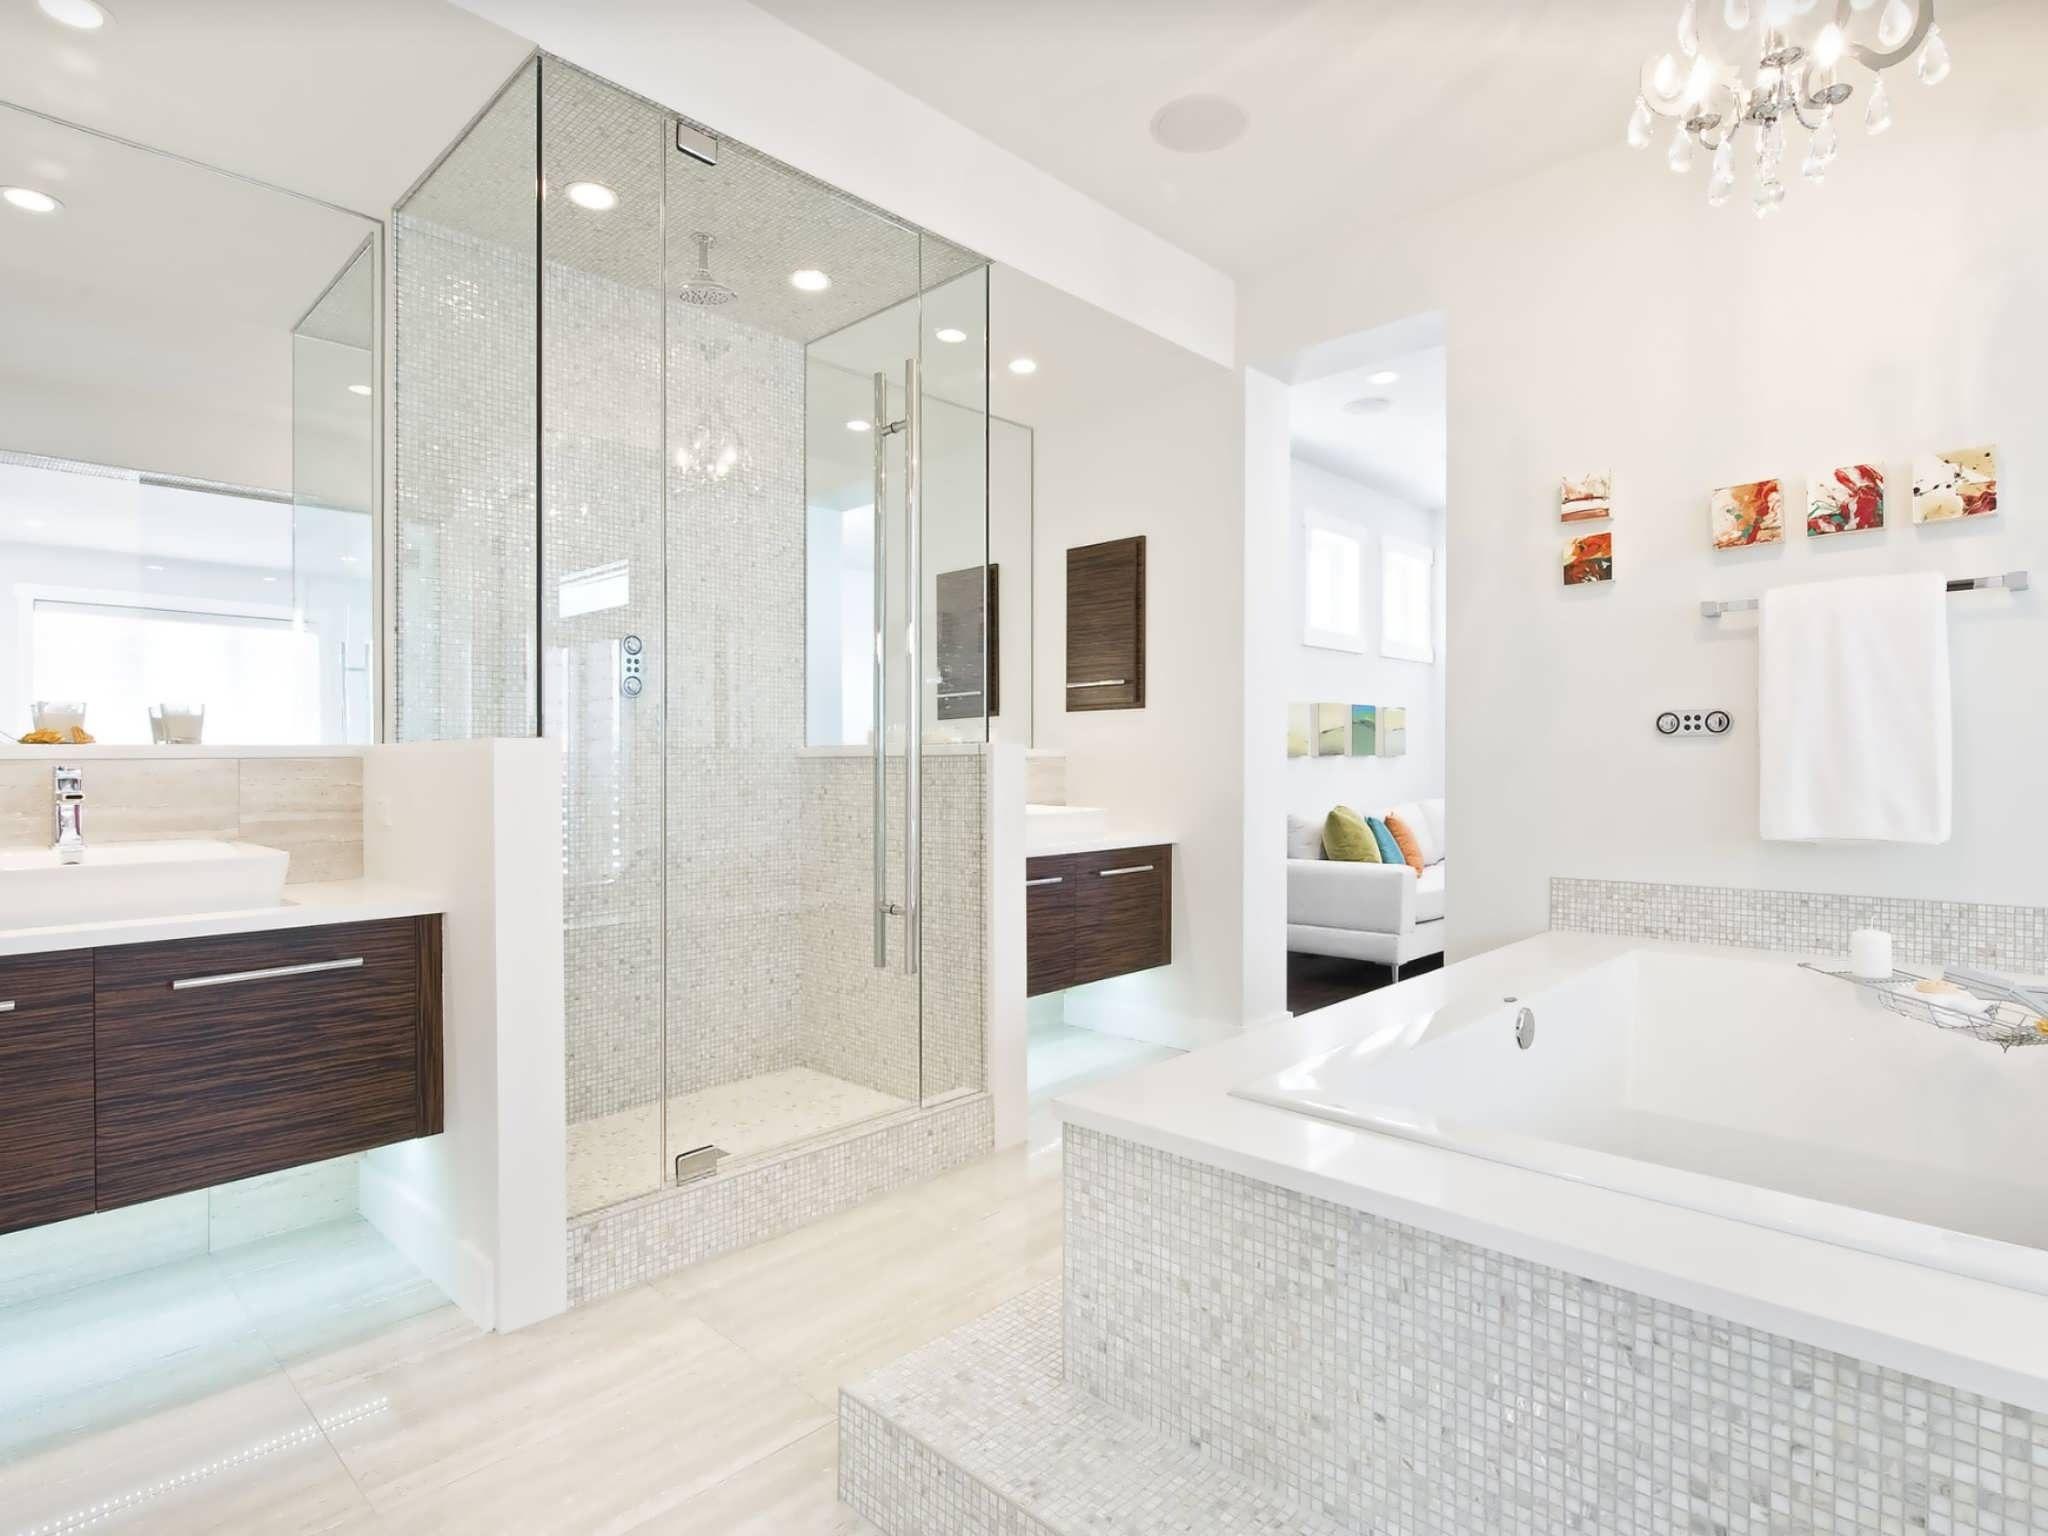 Bagni Di Lusso Moderni mosaico bagno • 100 idee per rivestire con stile bagni